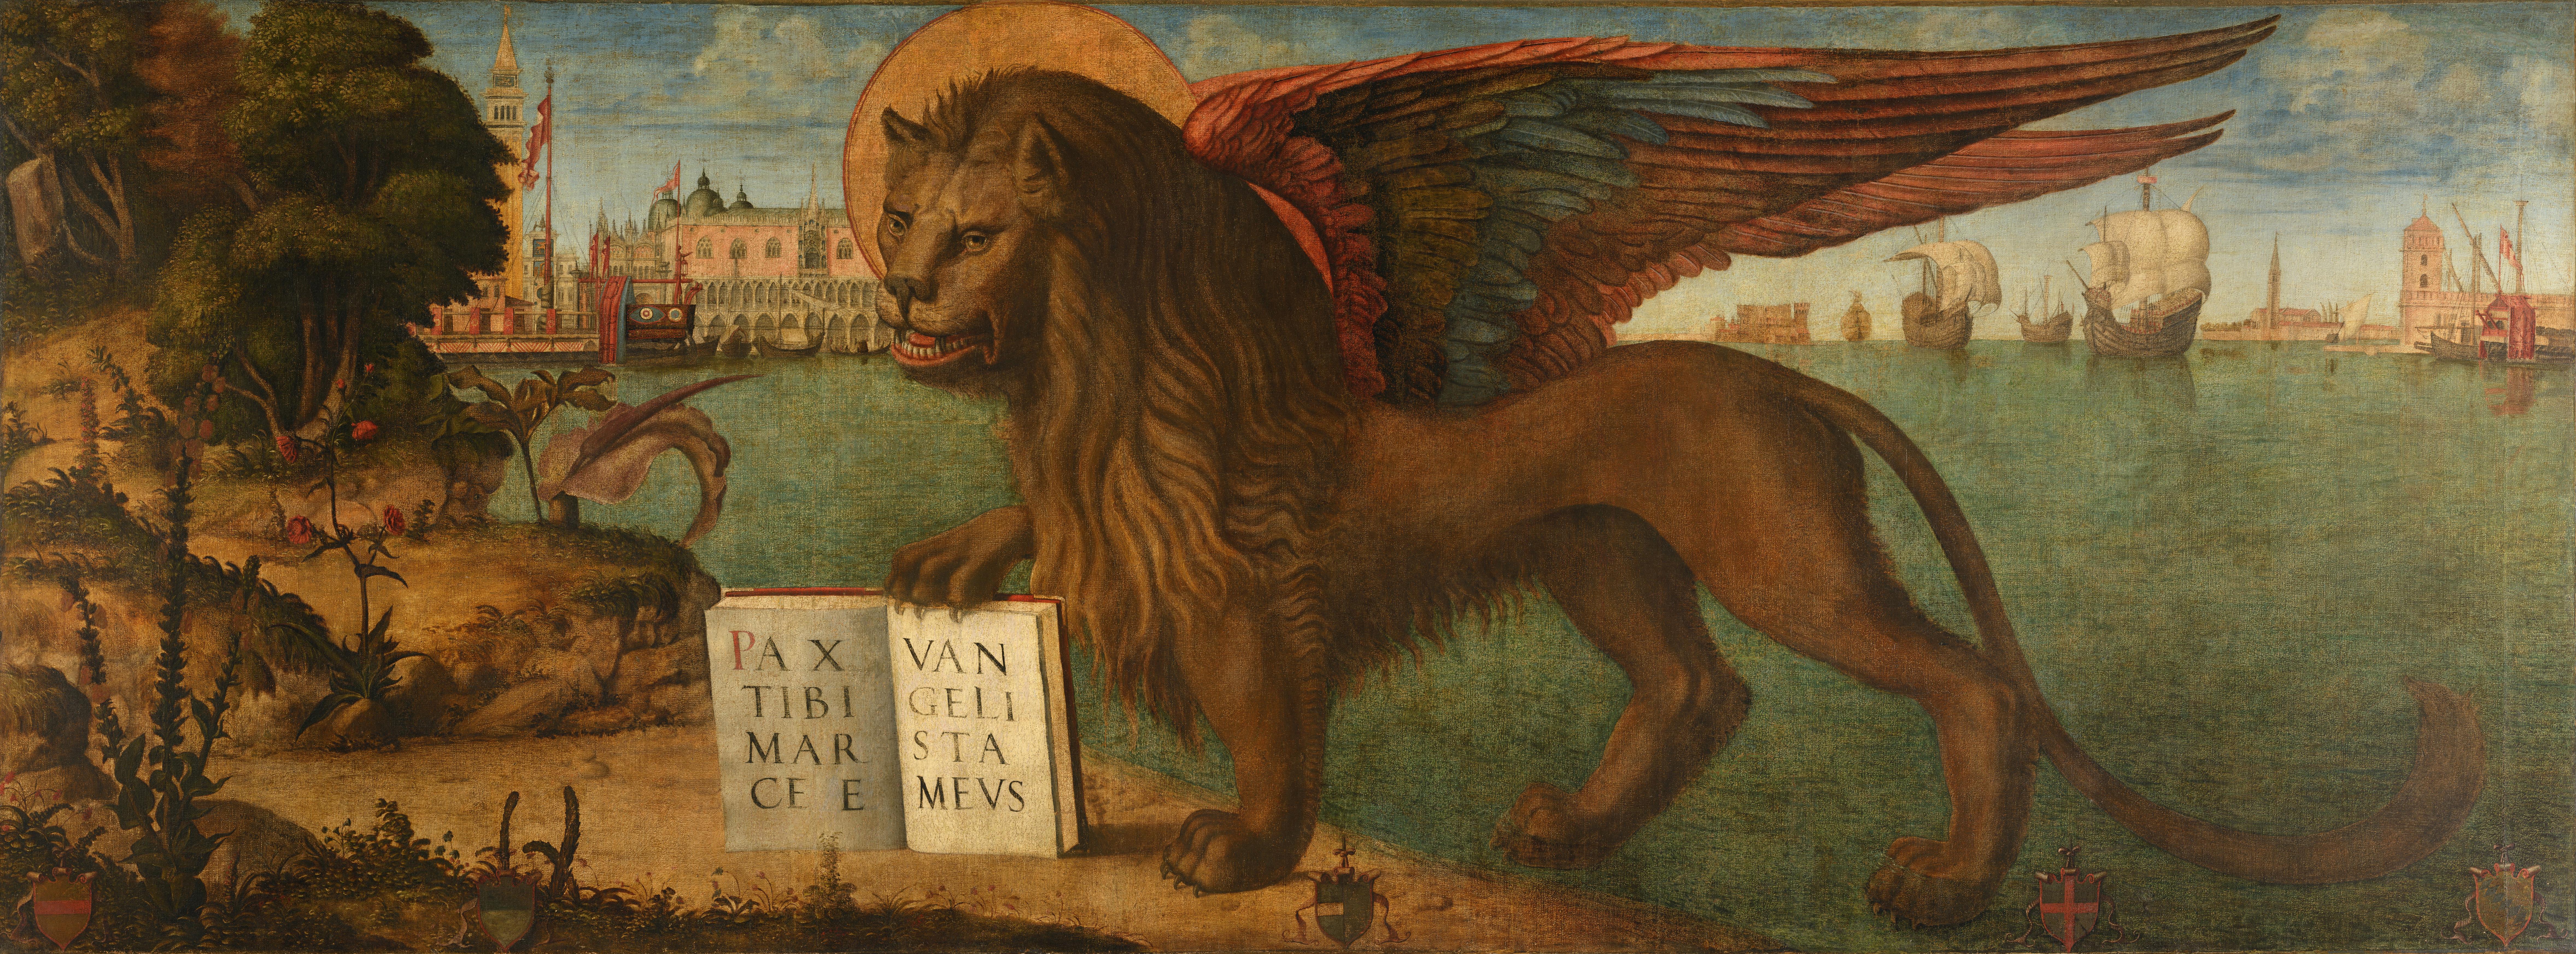 Leone marciano andante - Vittore Carpaccio - Google Cultural Institute.jpg